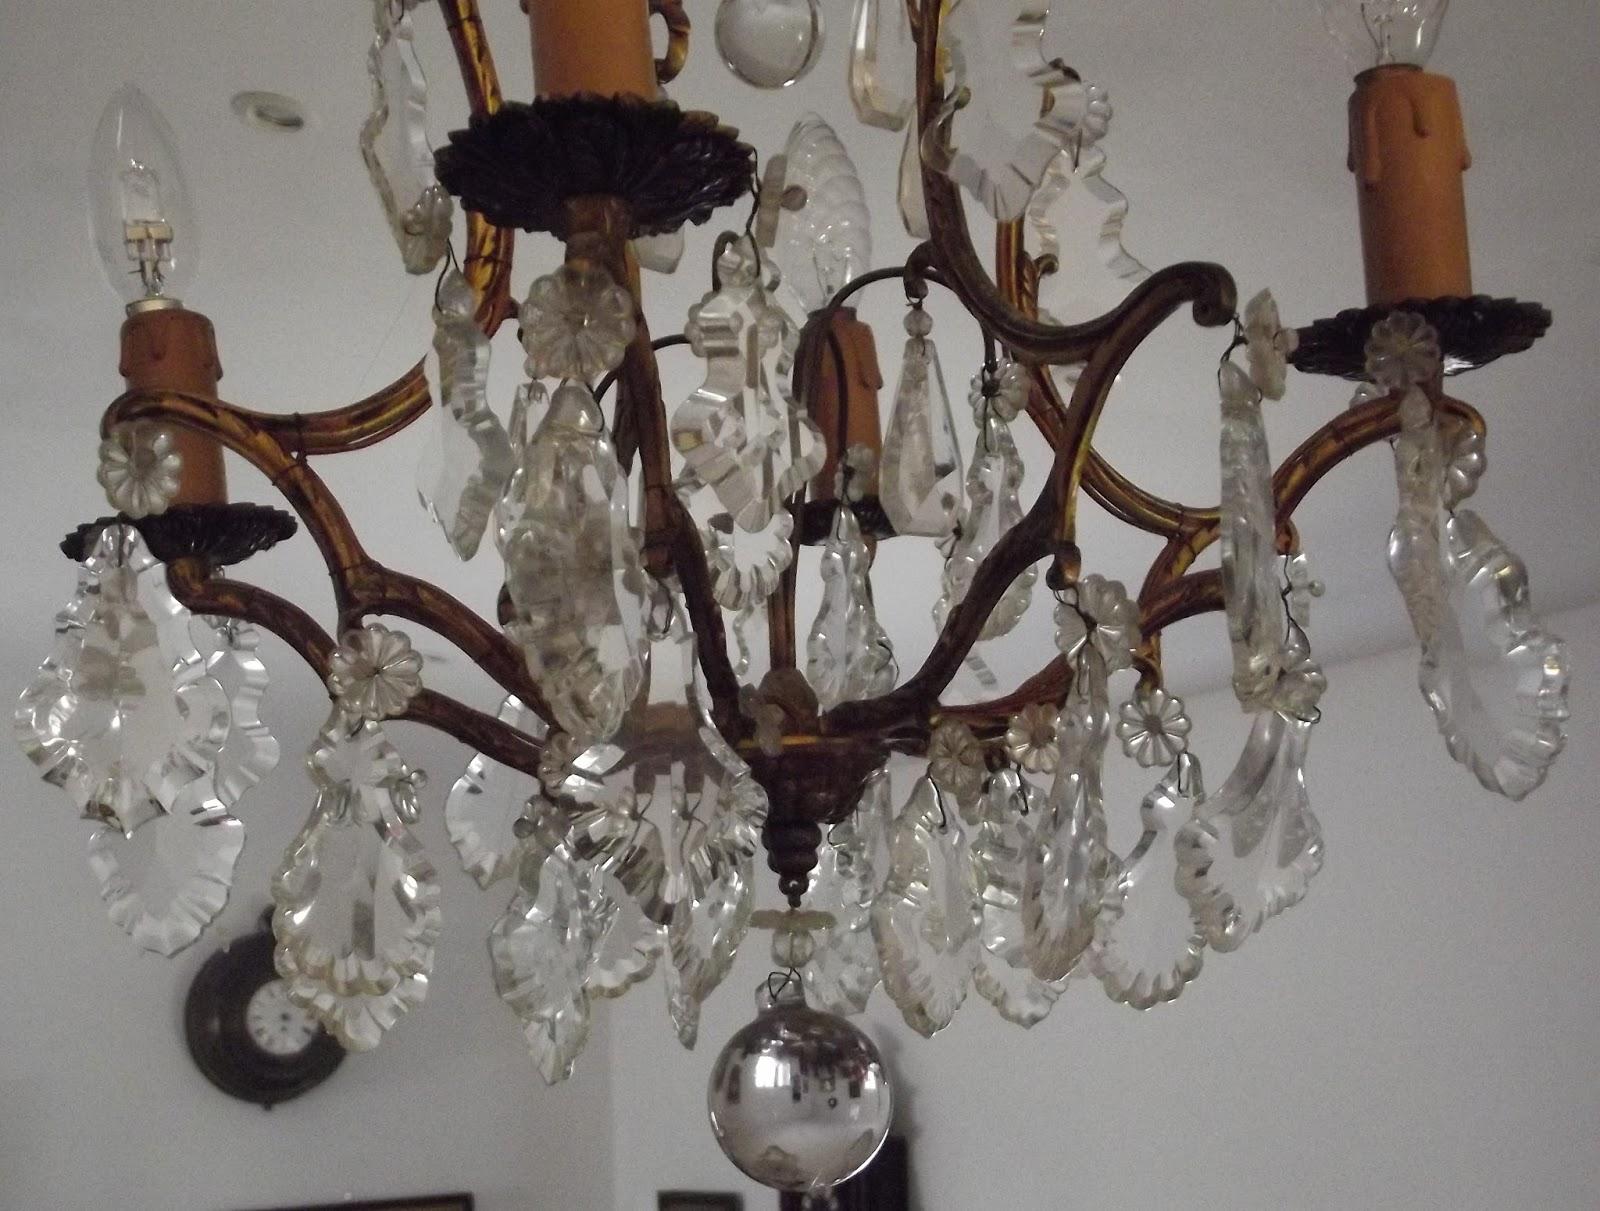 ancien lustre cage bronze pampille pendeloque plafonnir suspension cristal verre ebay. Black Bedroom Furniture Sets. Home Design Ideas